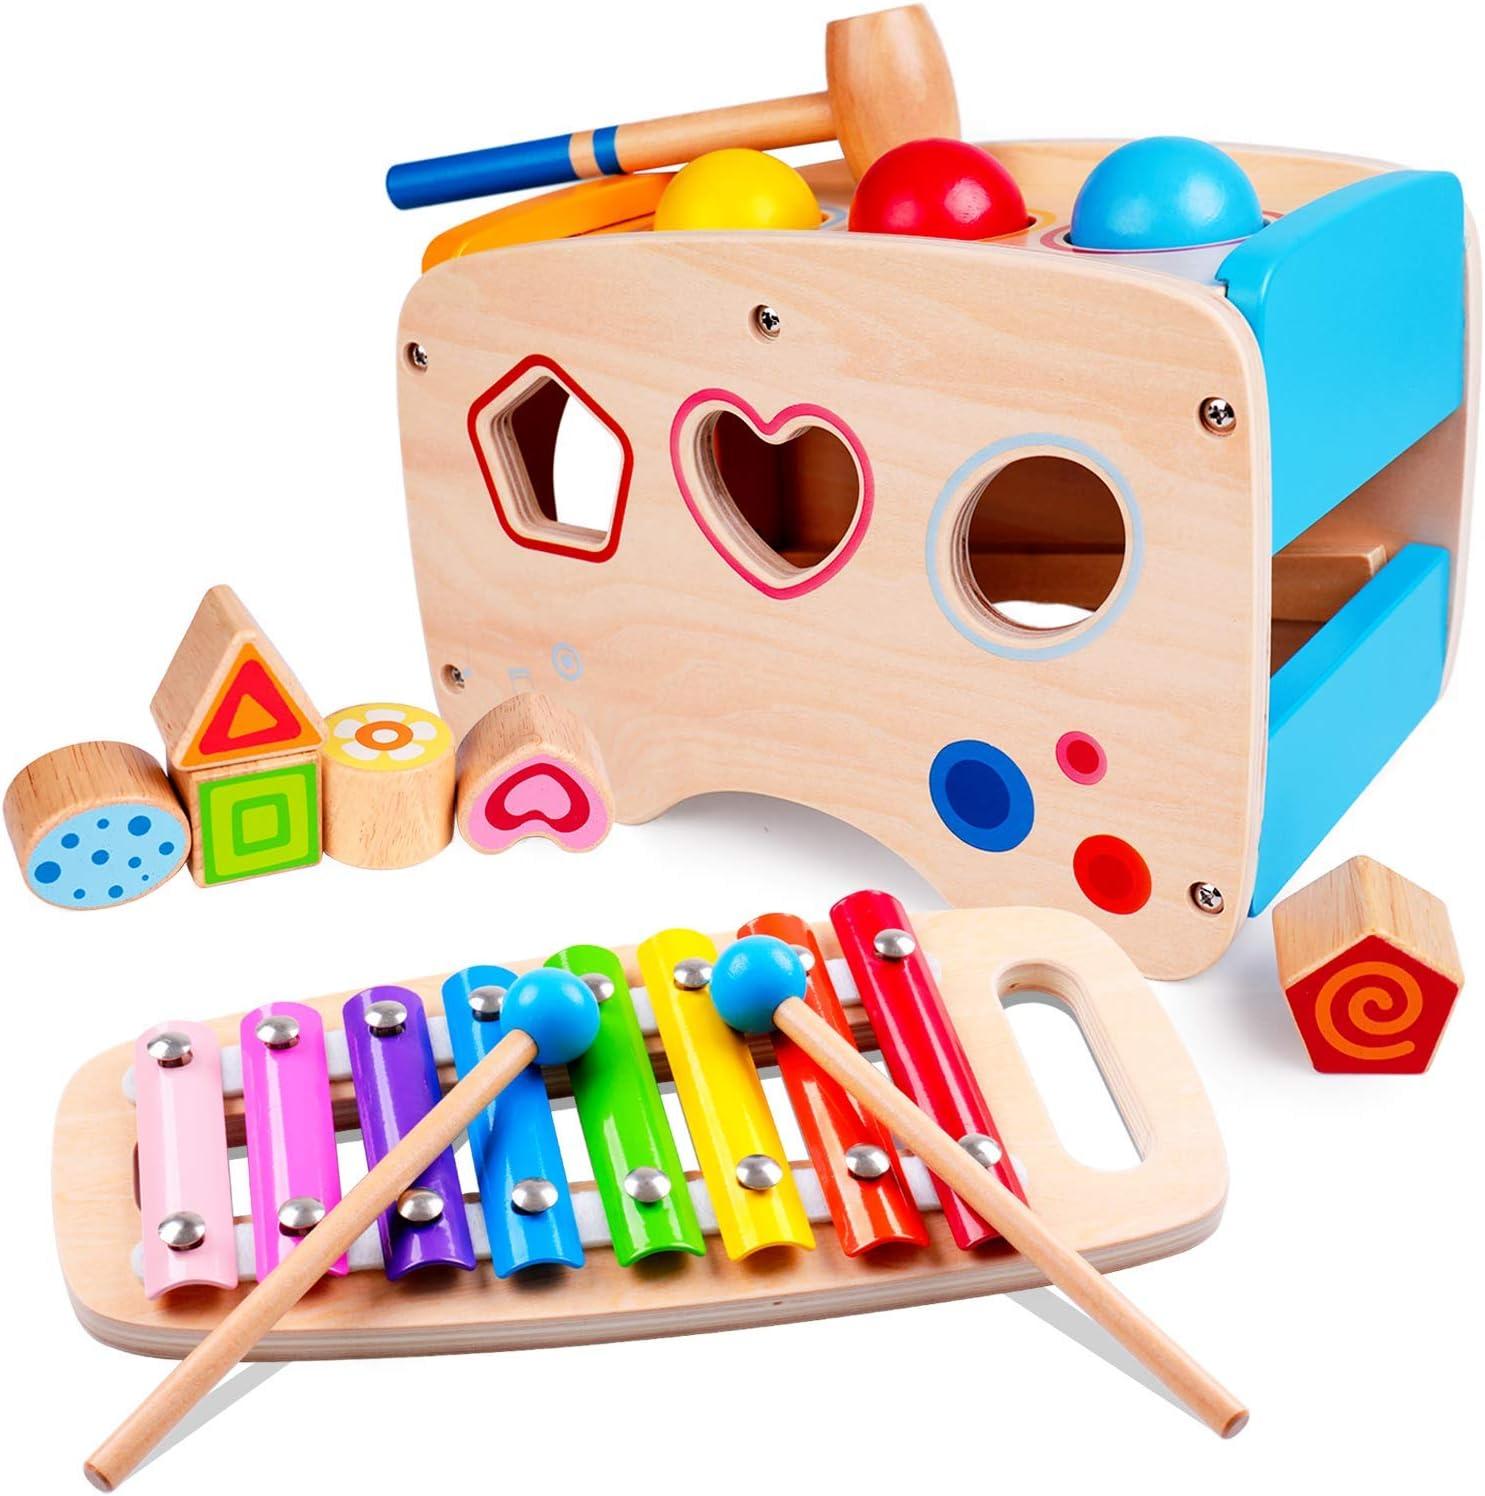 Lamlingo Pelota de Martillo Juguetes,Tocar el xilófono de Madera,Rompecabezas de clasificación de Colores y Formas,Juguetes de Desarrollo de Aprendizaje para Regalos de niño y niña de 1,2,3 años